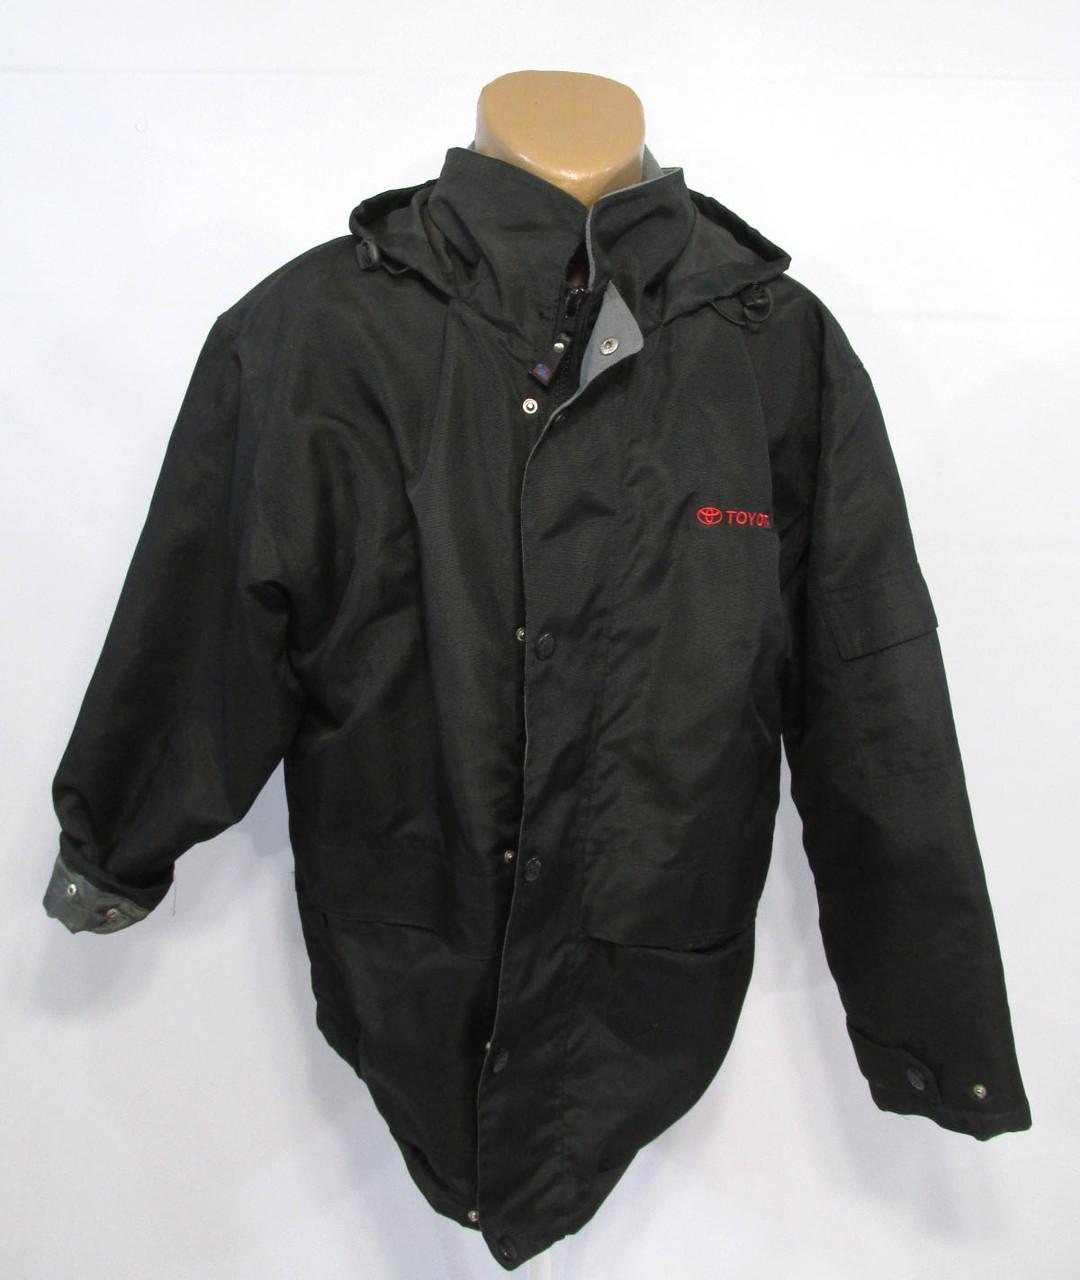 Куртка US Basic, Toyota, демисезонная, непромокаемая, М (размер на L), Черная, Как Новая!